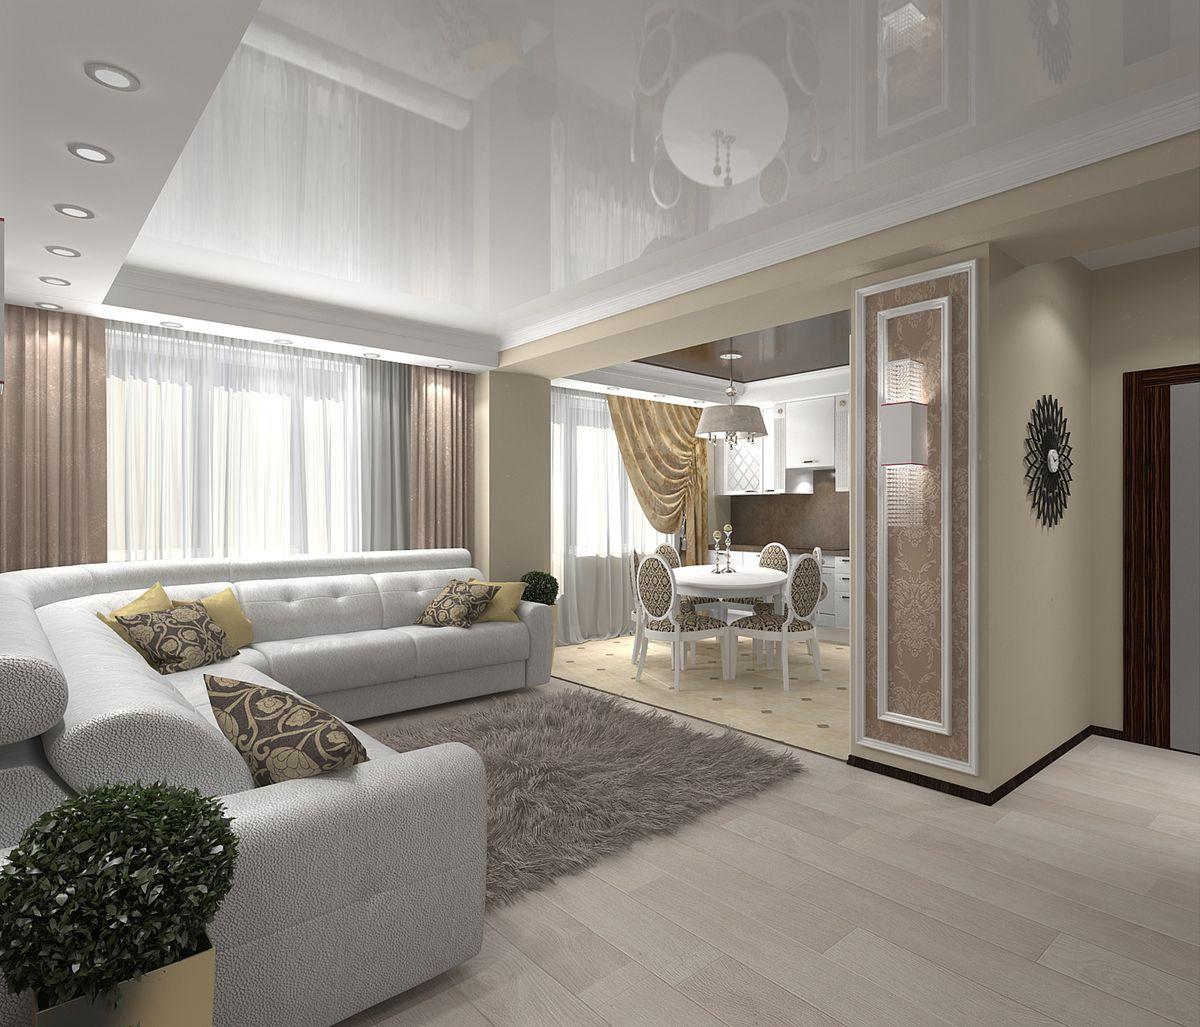 Ремонт квартир от компании АСК Триан